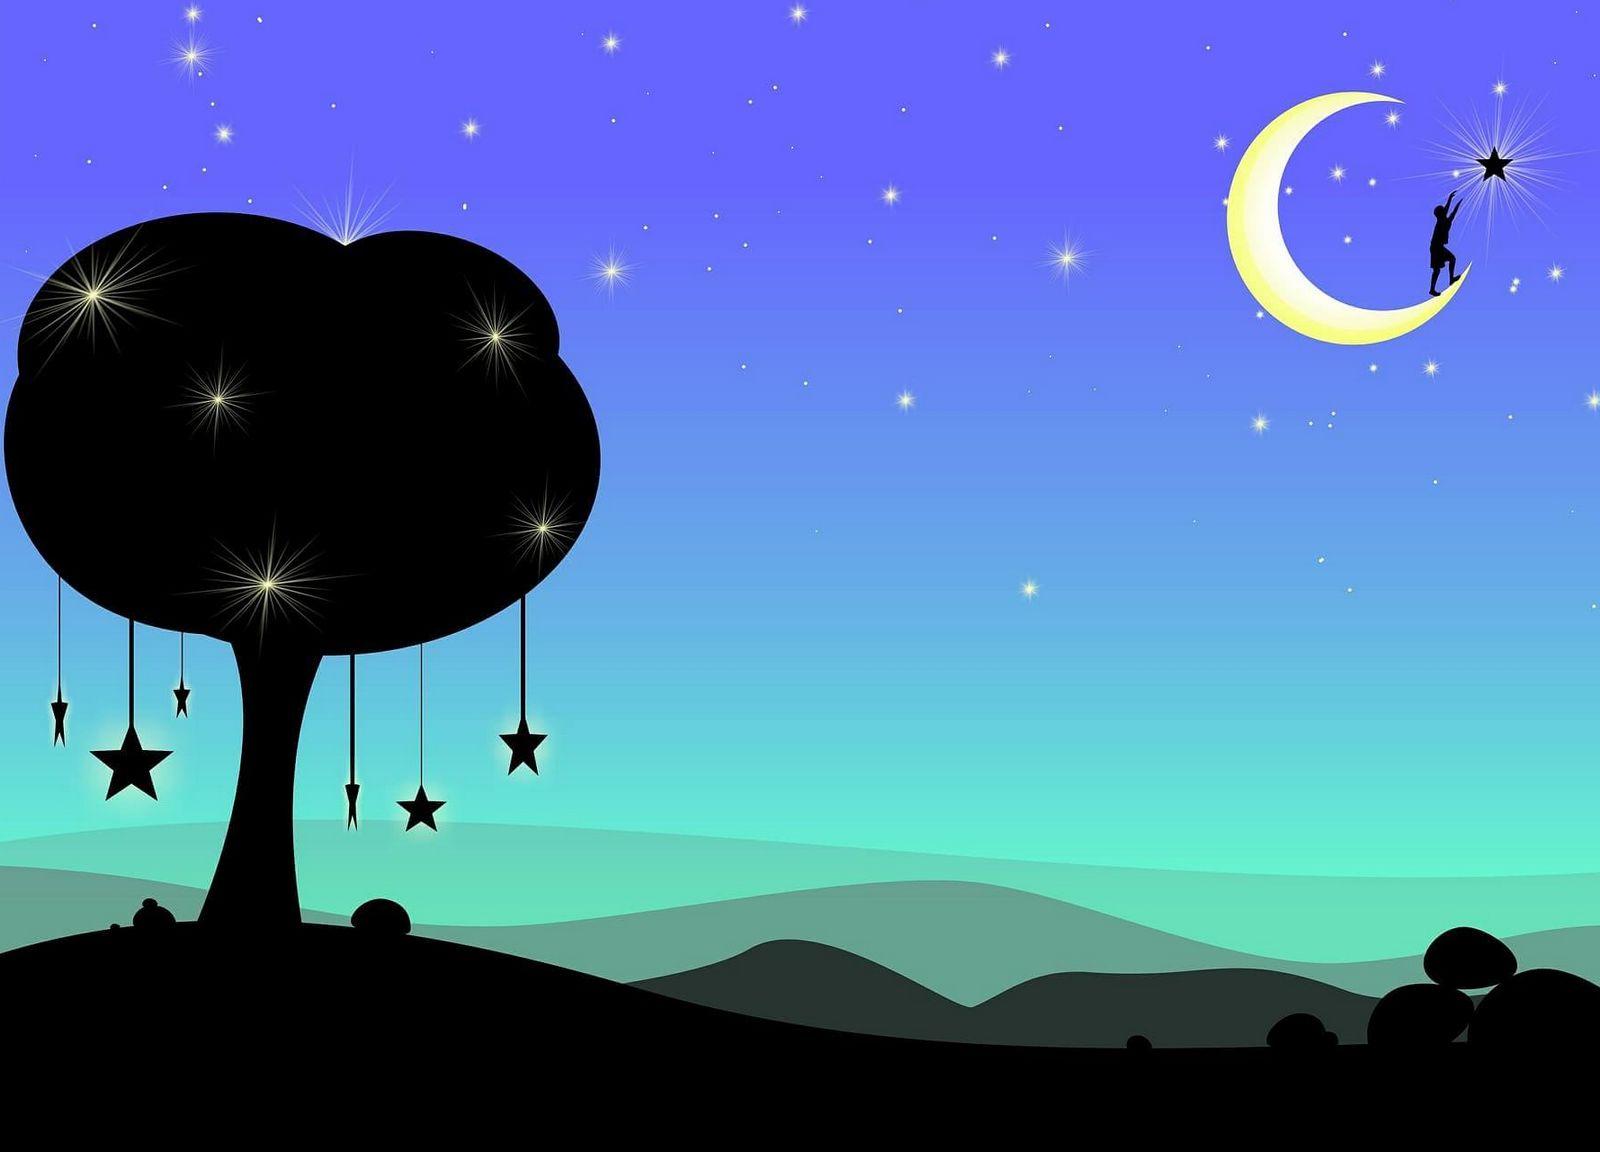 Cómo Dormir bien y Sin Insomnio, según la Ciencia y la Fe